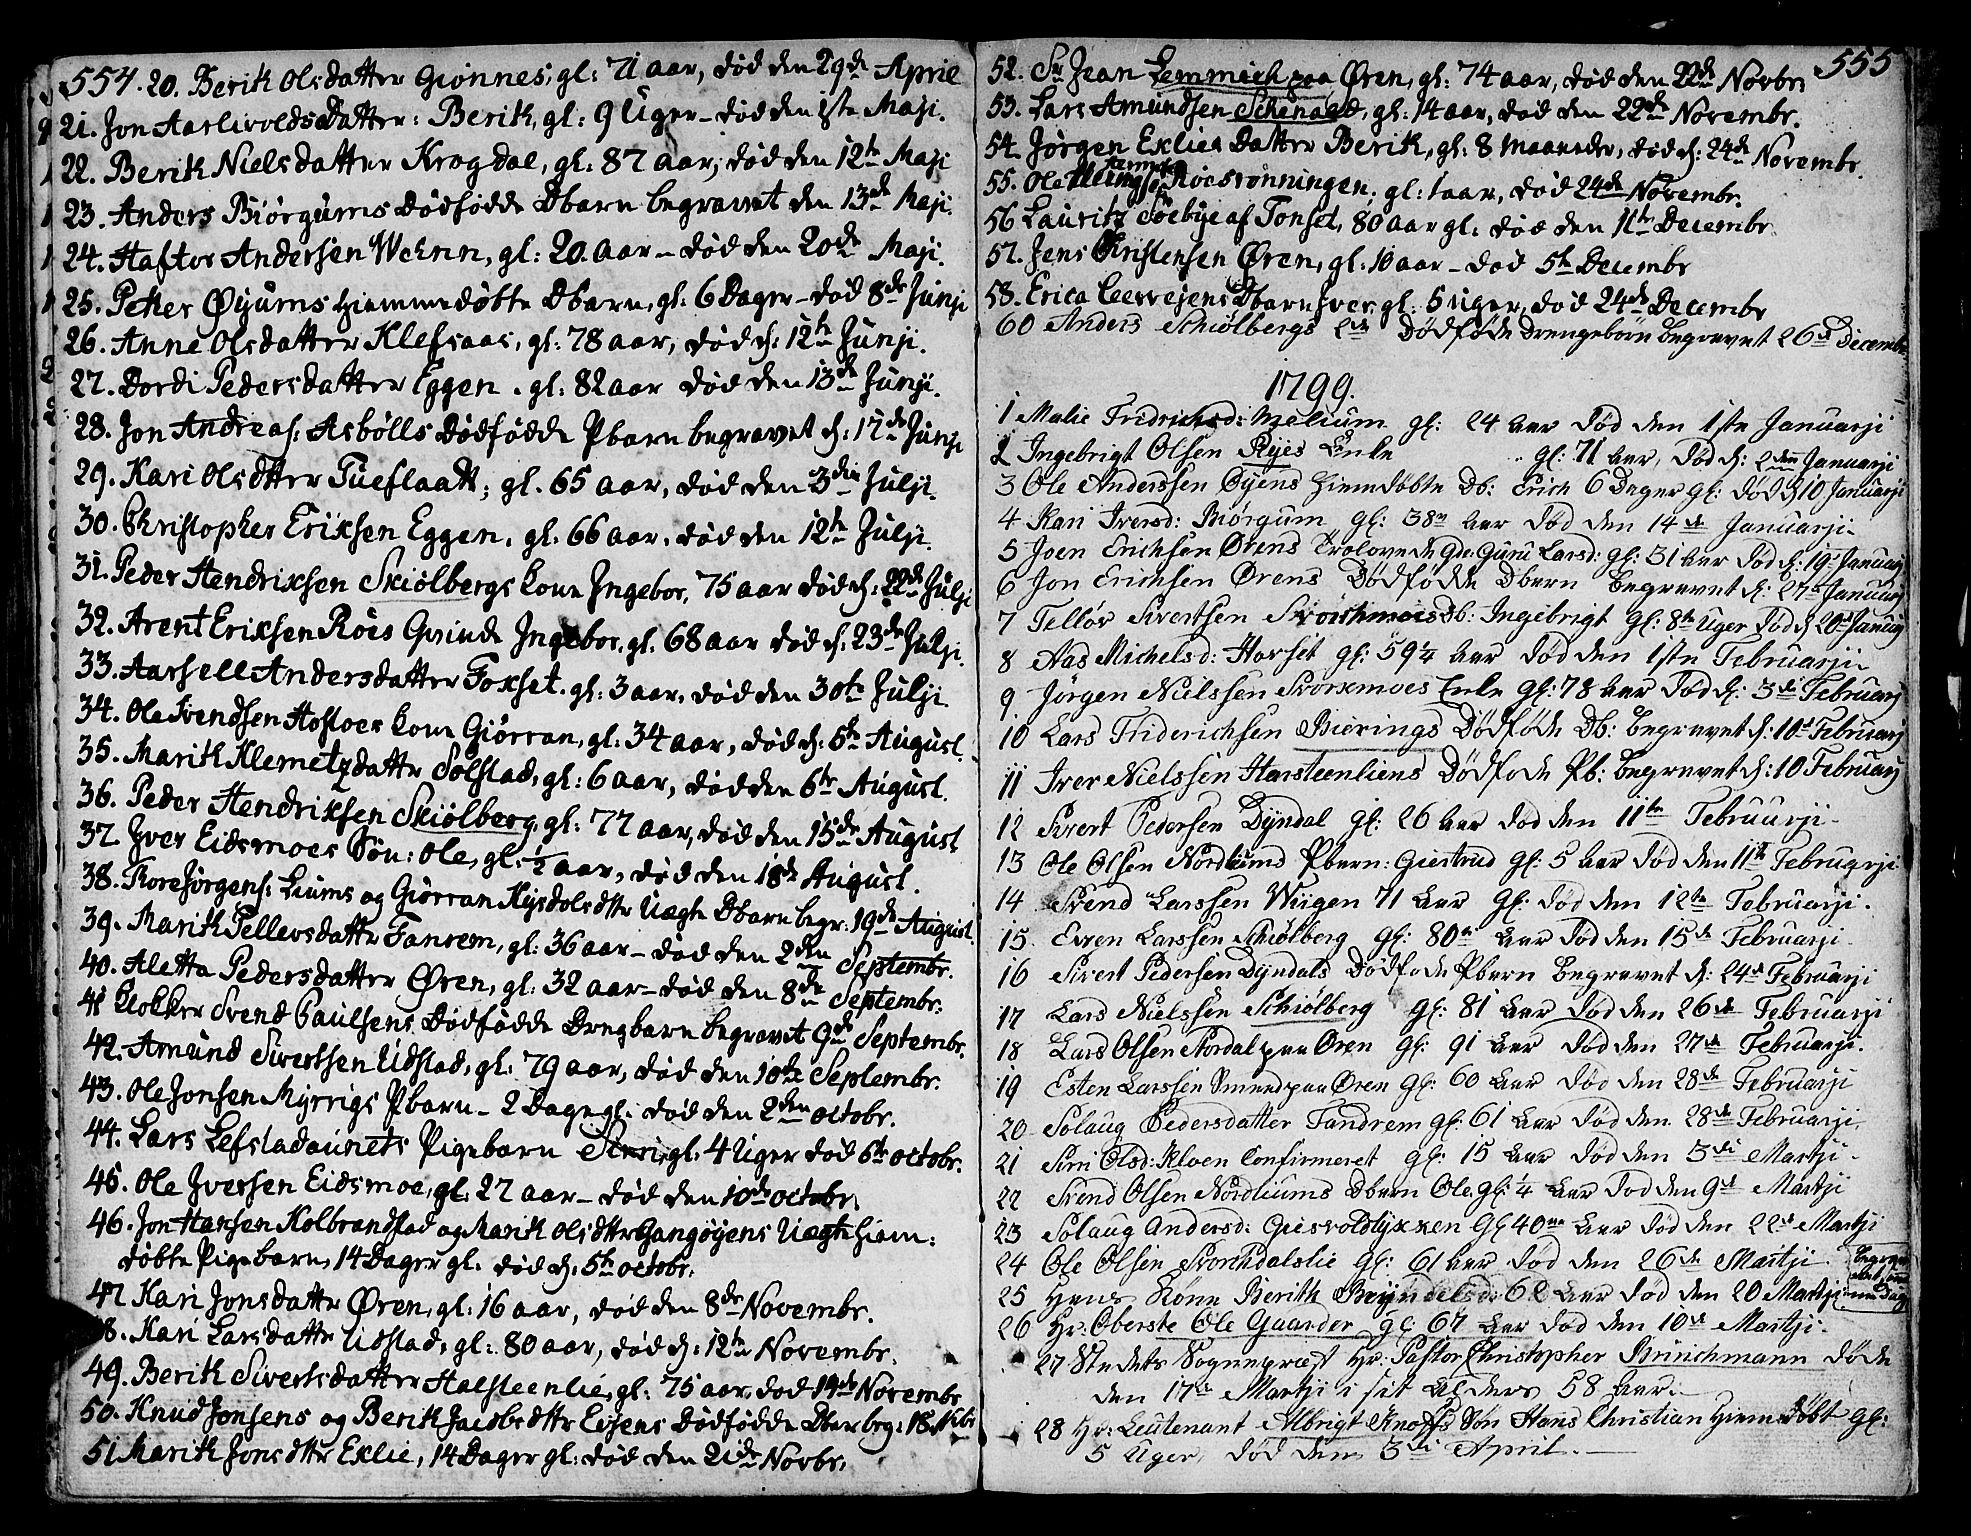 SAT, Ministerialprotokoller, klokkerbøker og fødselsregistre - Sør-Trøndelag, 668/L0802: Ministerialbok nr. 668A02, 1776-1799, s. 554-555